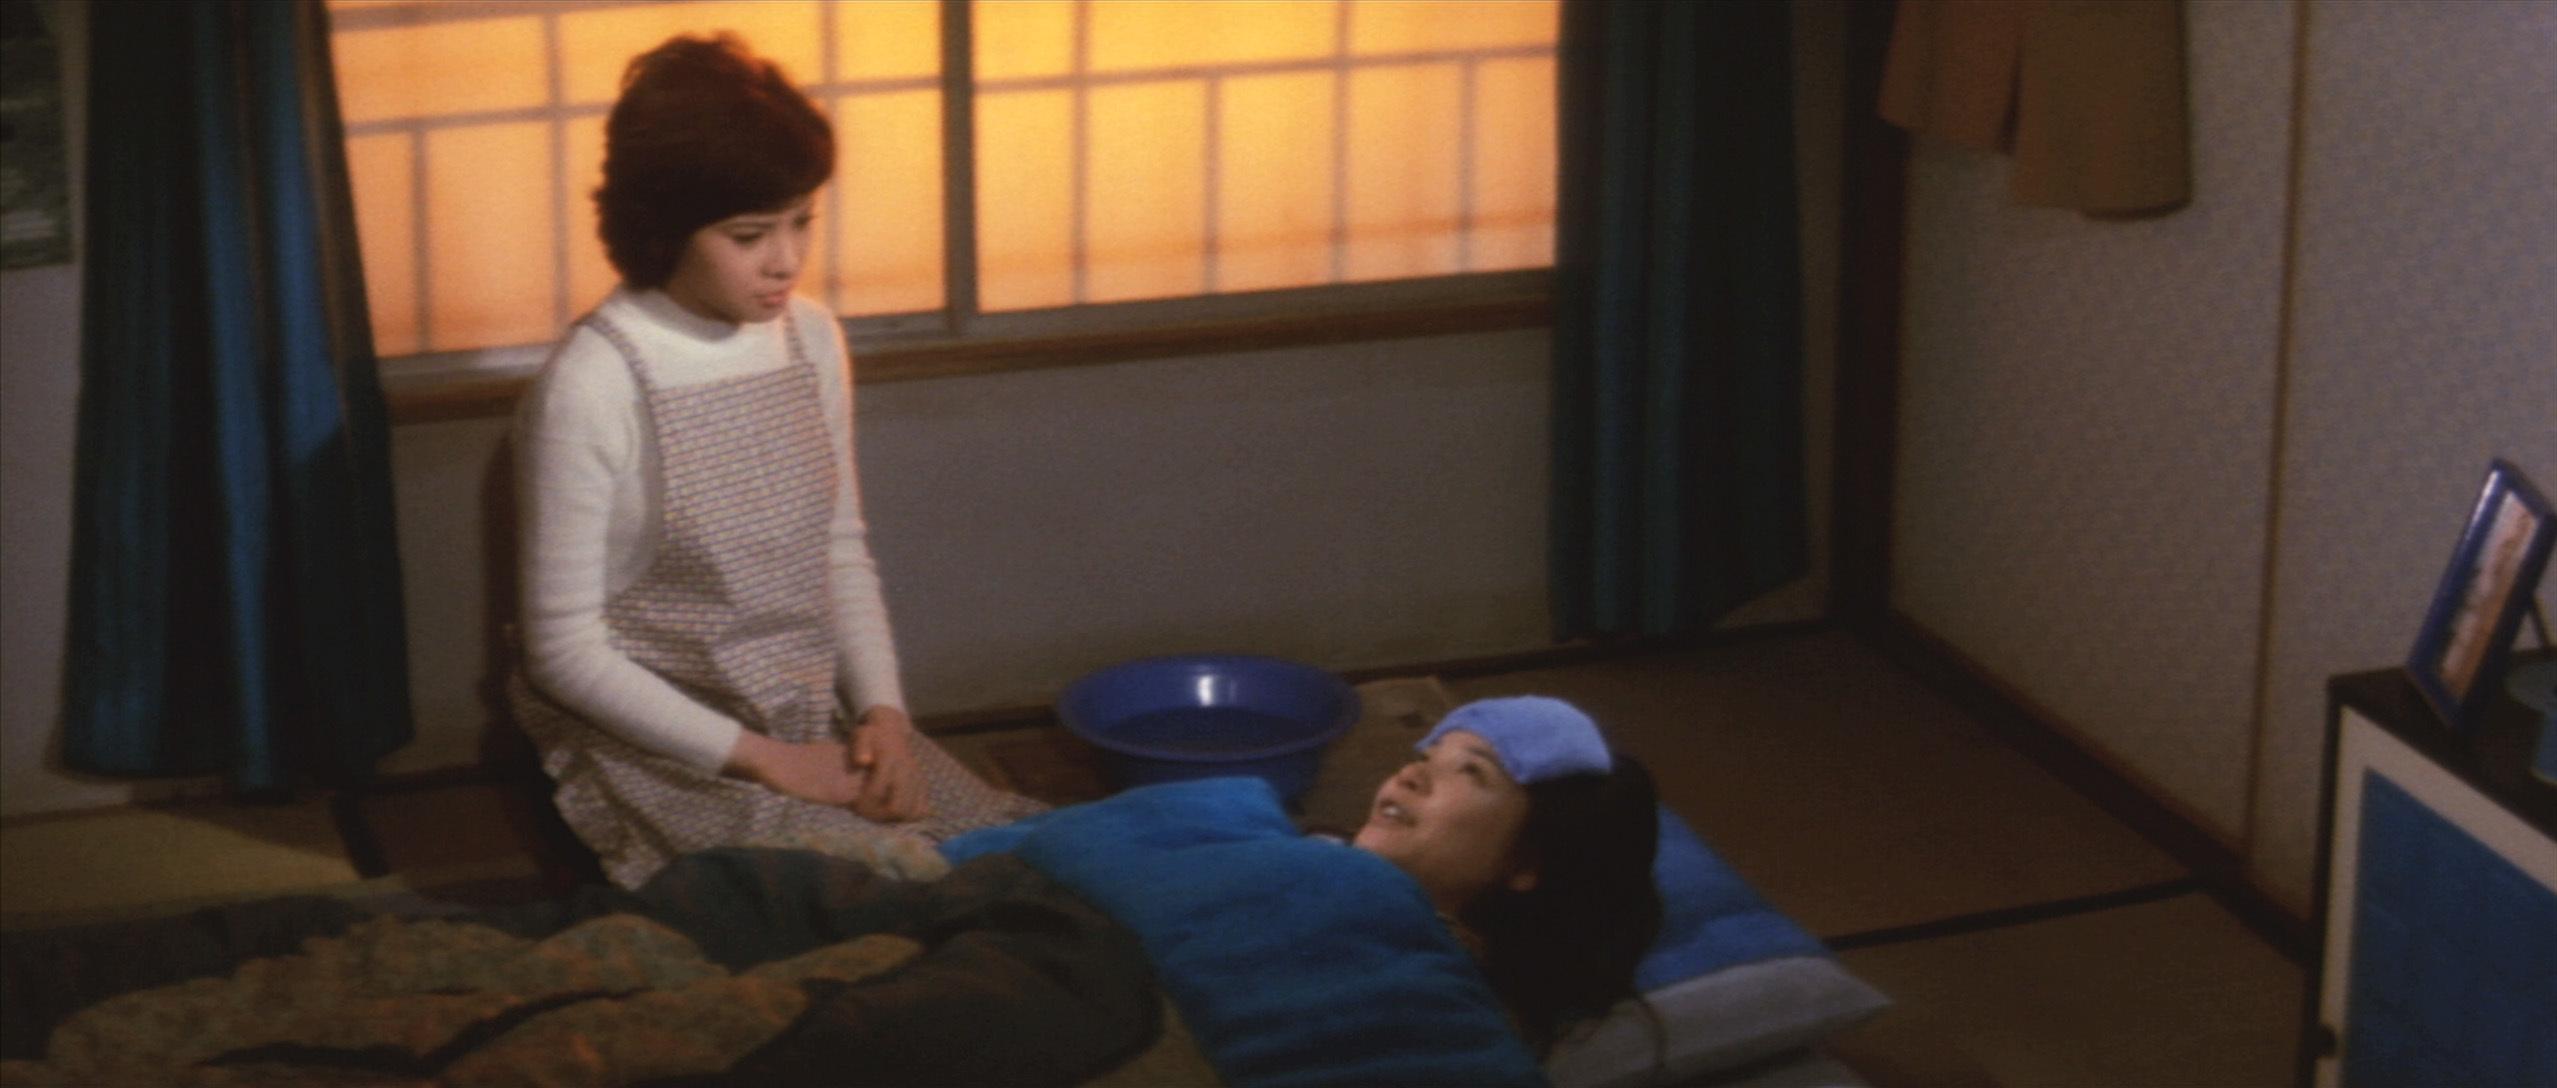 ひし美ゆり子(Yuriko Hishimi)「同棲時代」(1973)《Part2》_e0042361_19582616.jpg